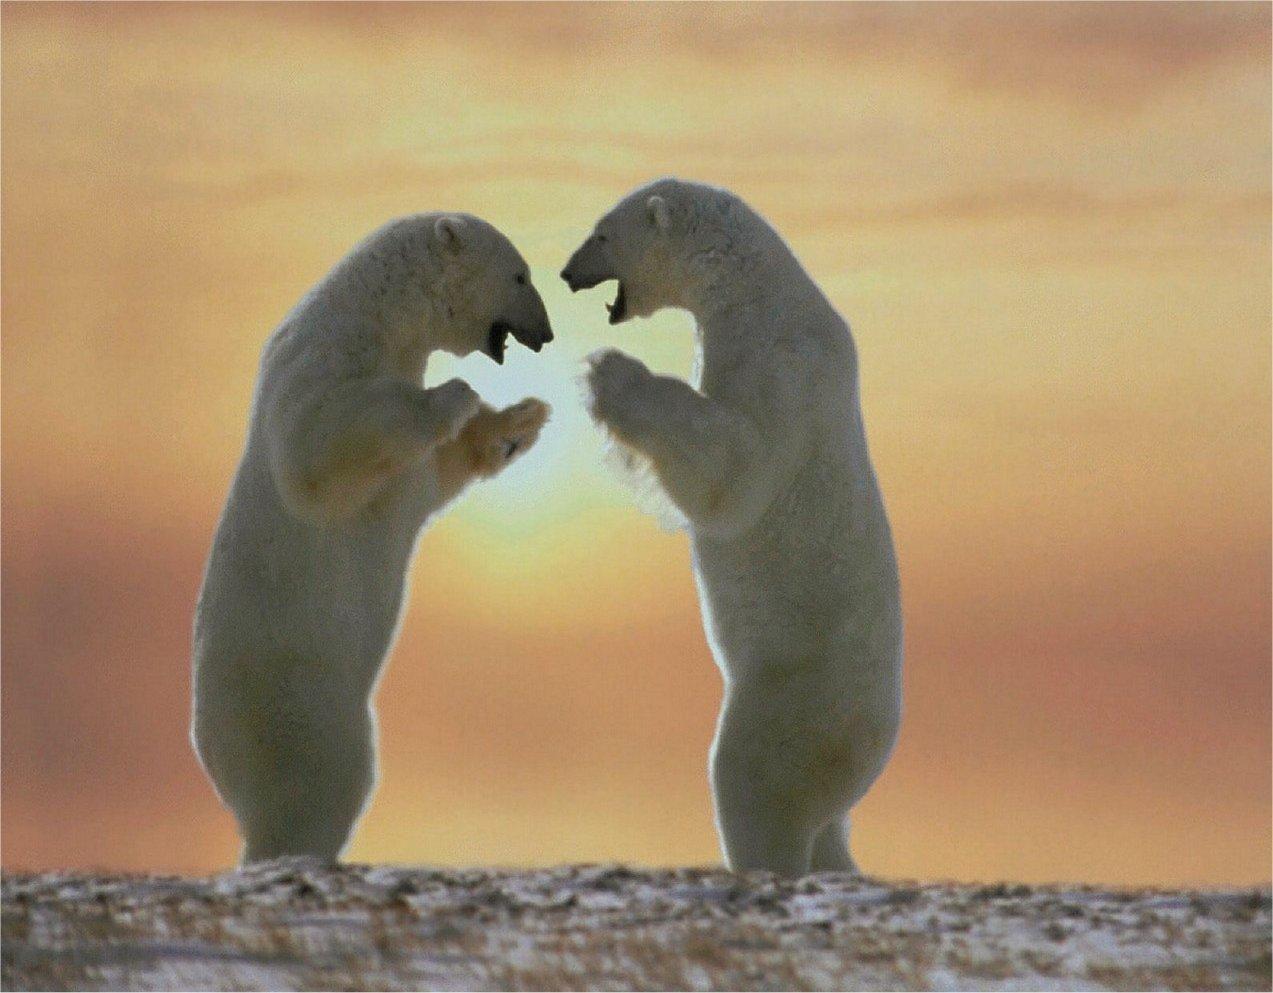 Le migliori immagini fotografie di animali in alta for Le migliori cabine per grandi orsi